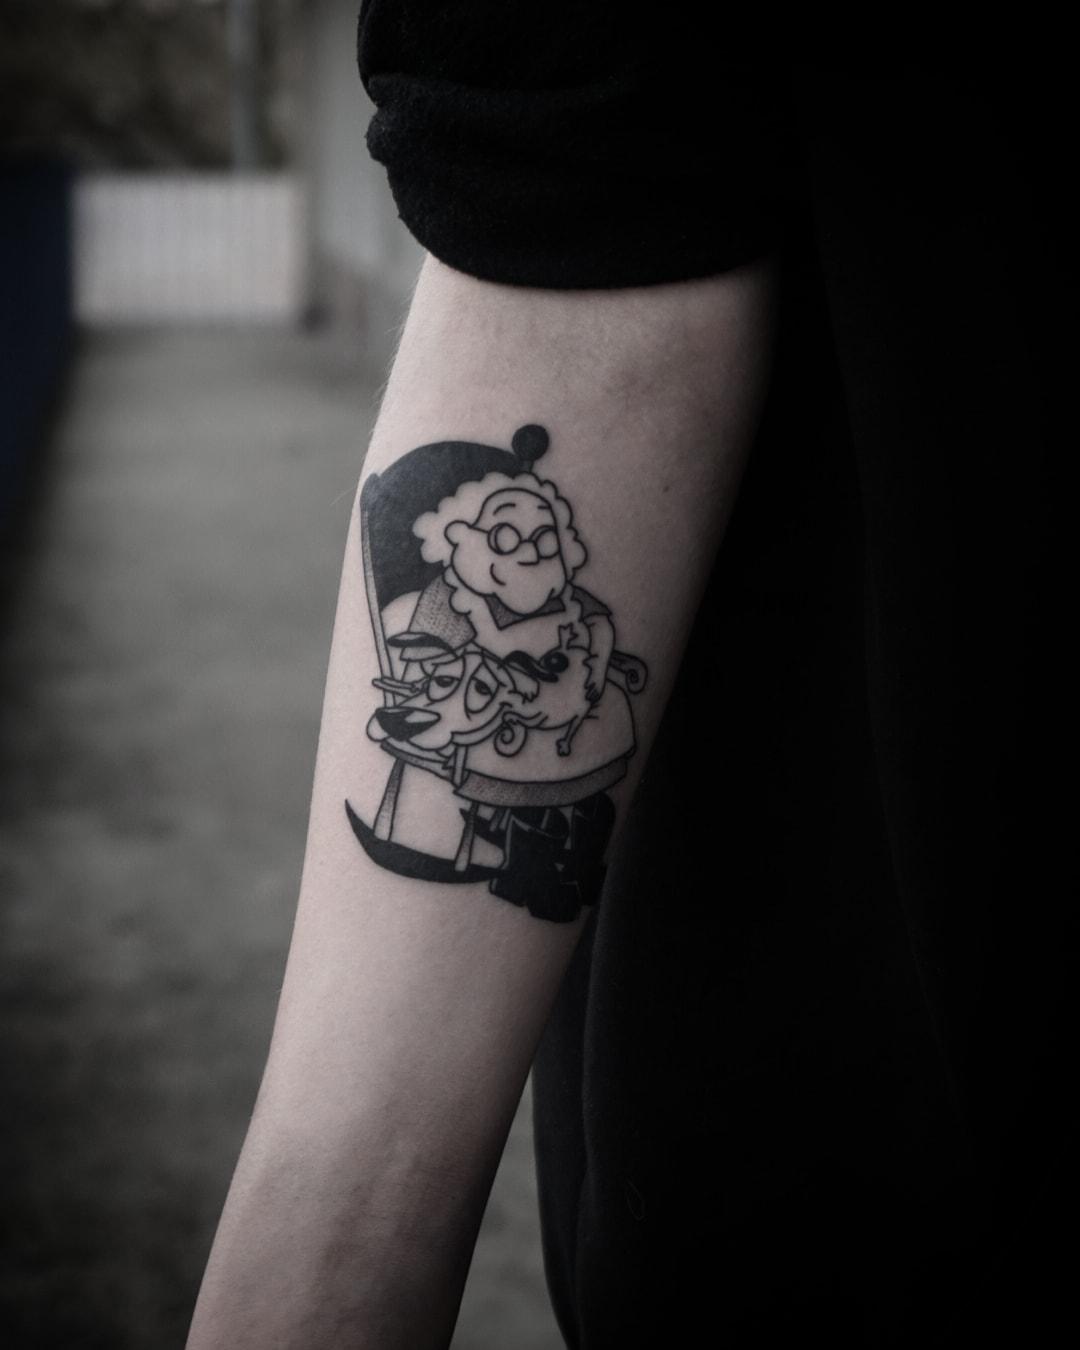 Wiktoria Niewiadomska - Małezło Tattoo inksearch tattoo